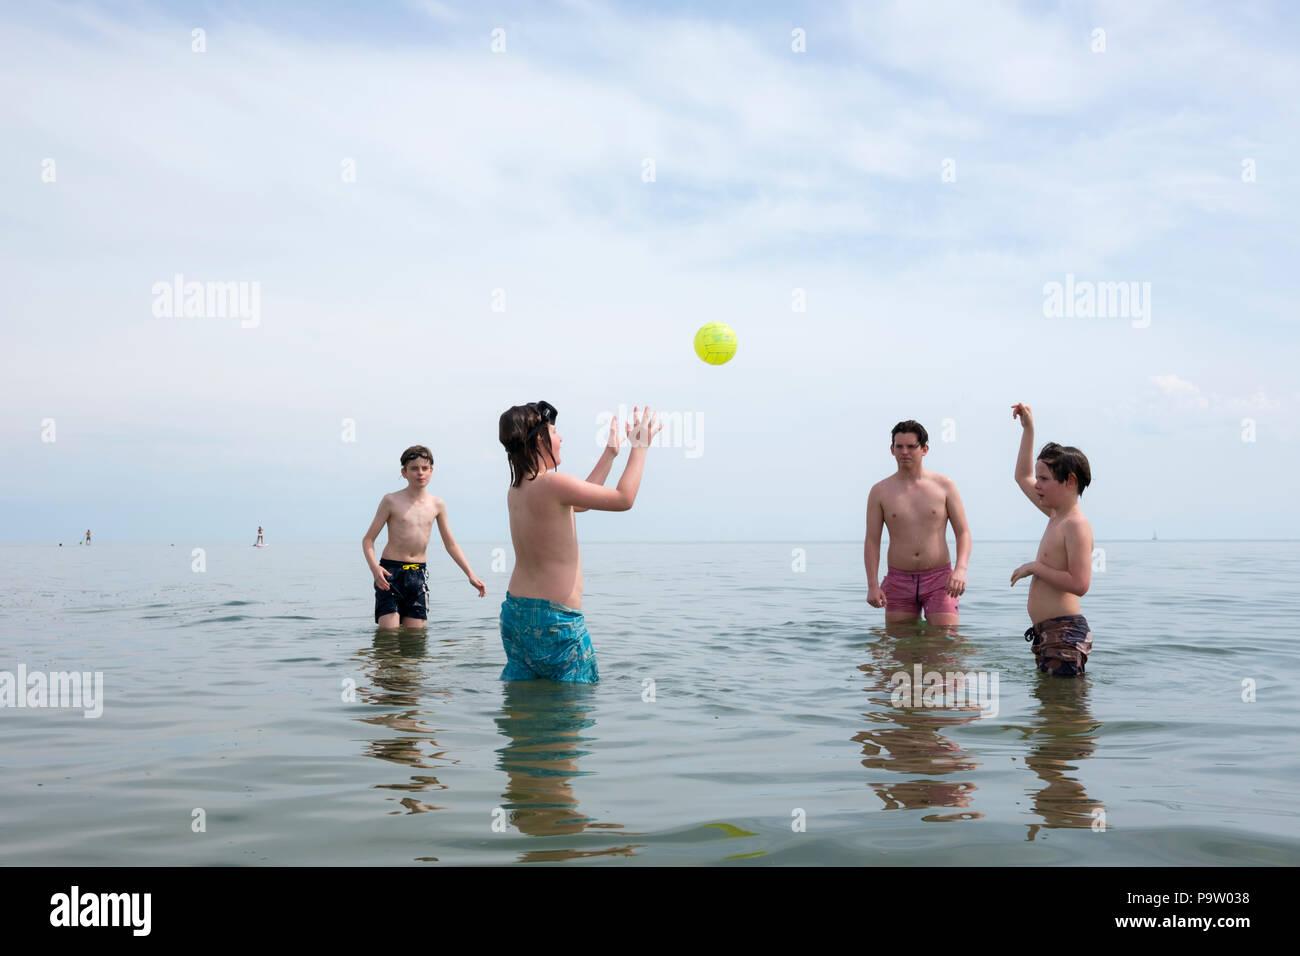 Querformat von vier Jungen in einem Kreis, die stehen zu Ihren Knien in einer ruhigen Mittelmeer, Spielen fangen mit einem gelben Ball. Stockbild